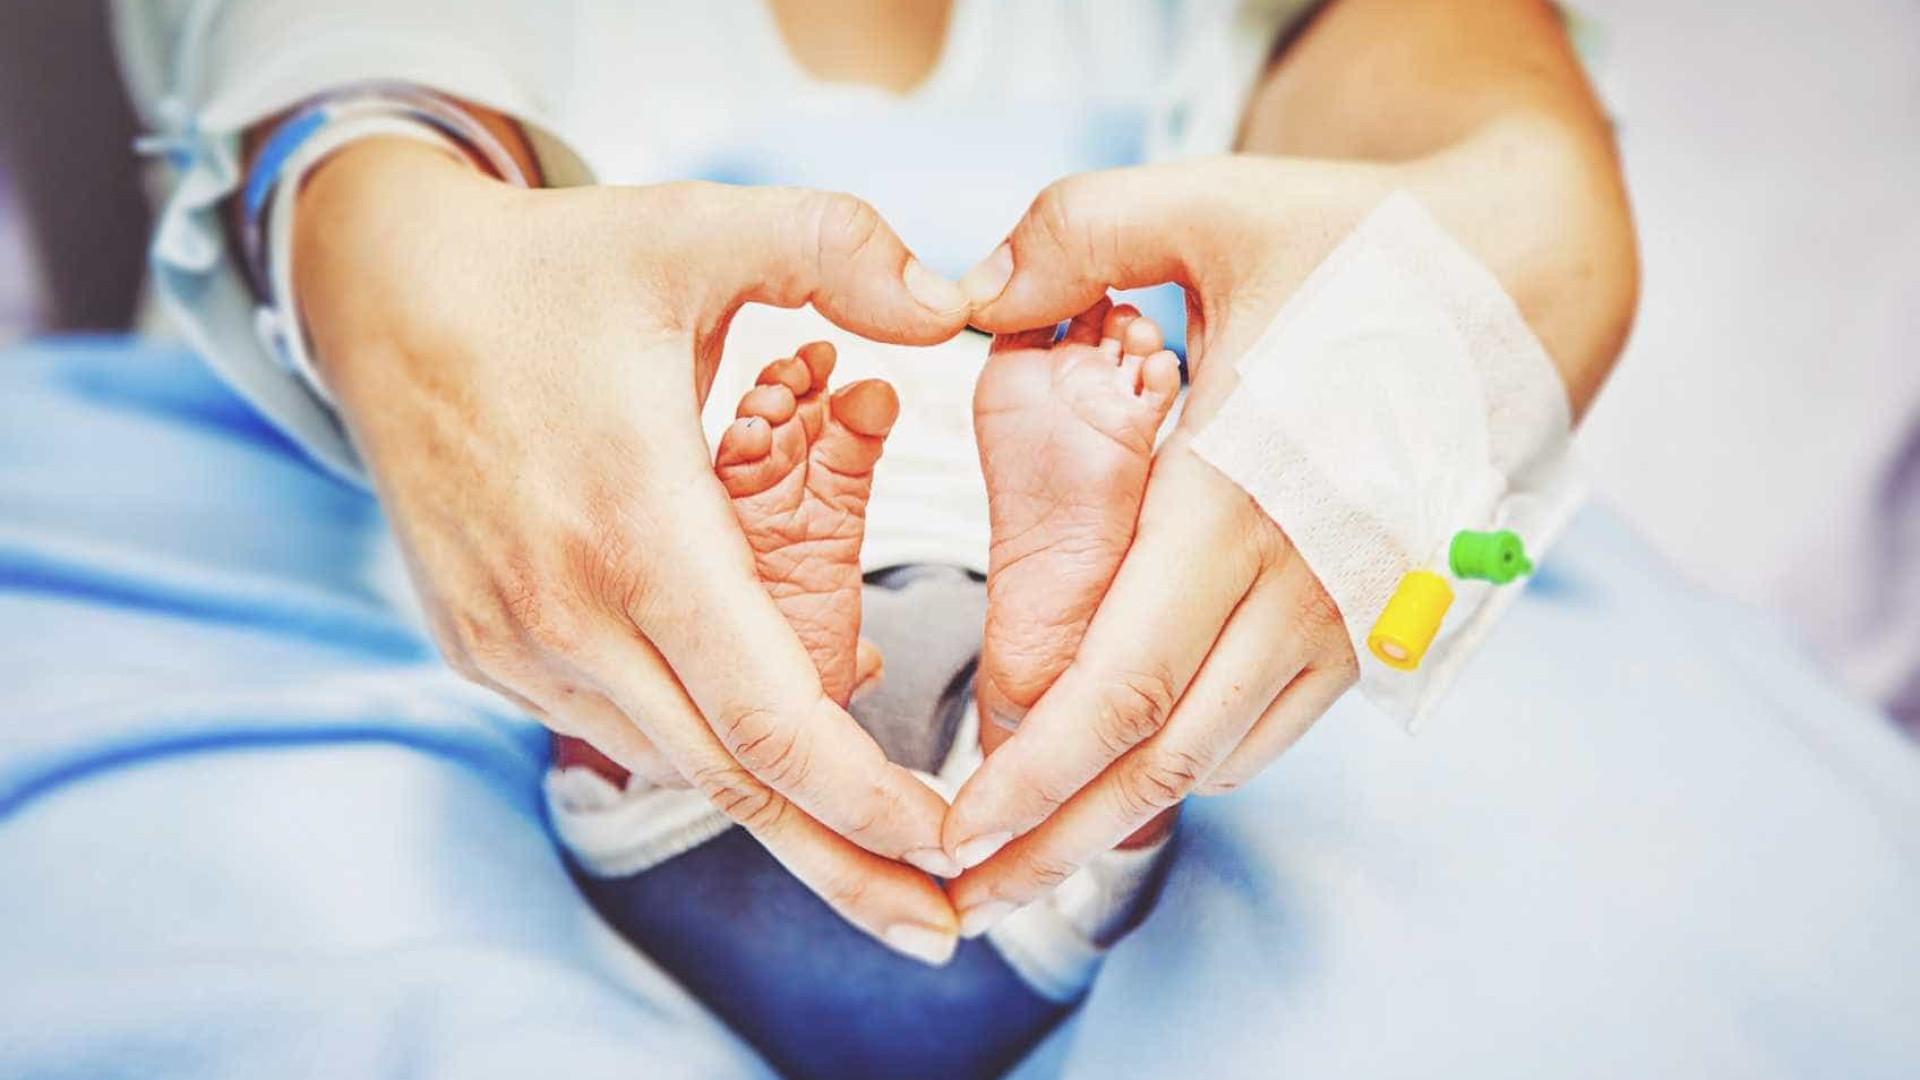 Ácidos gordos ómega 3 podem melhorar a fertilidade